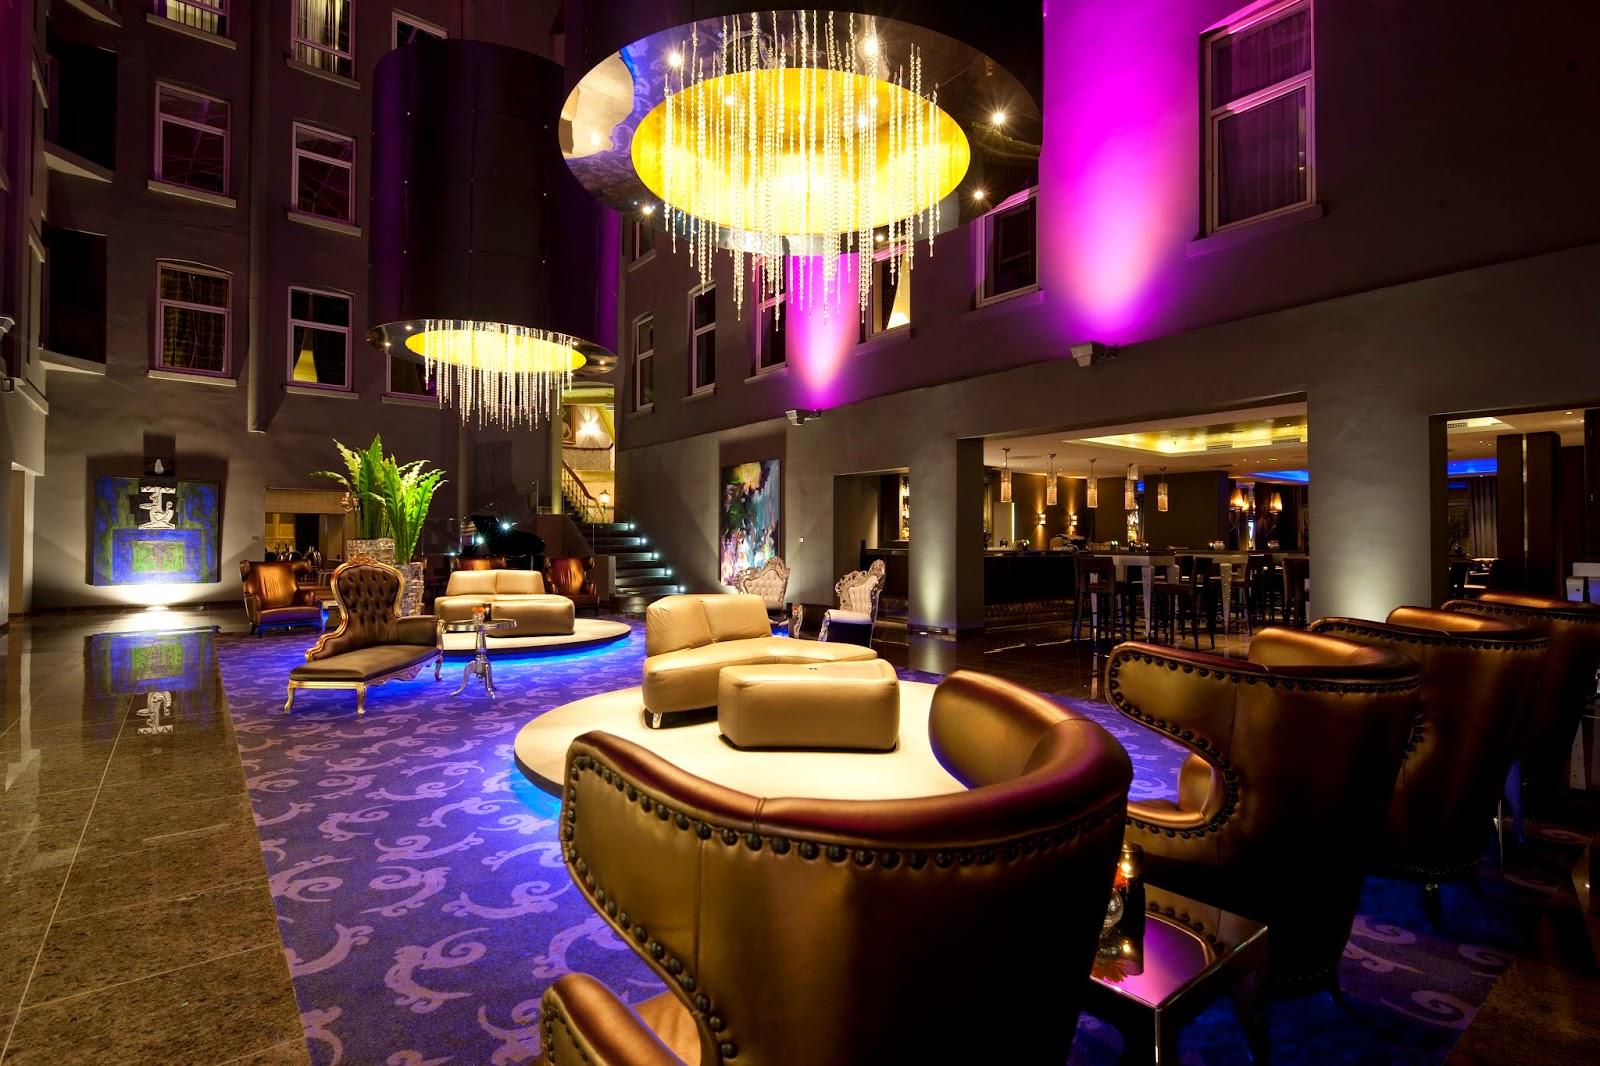 Foajeen på Clarion Hotel Ernst er delikat og innbydende